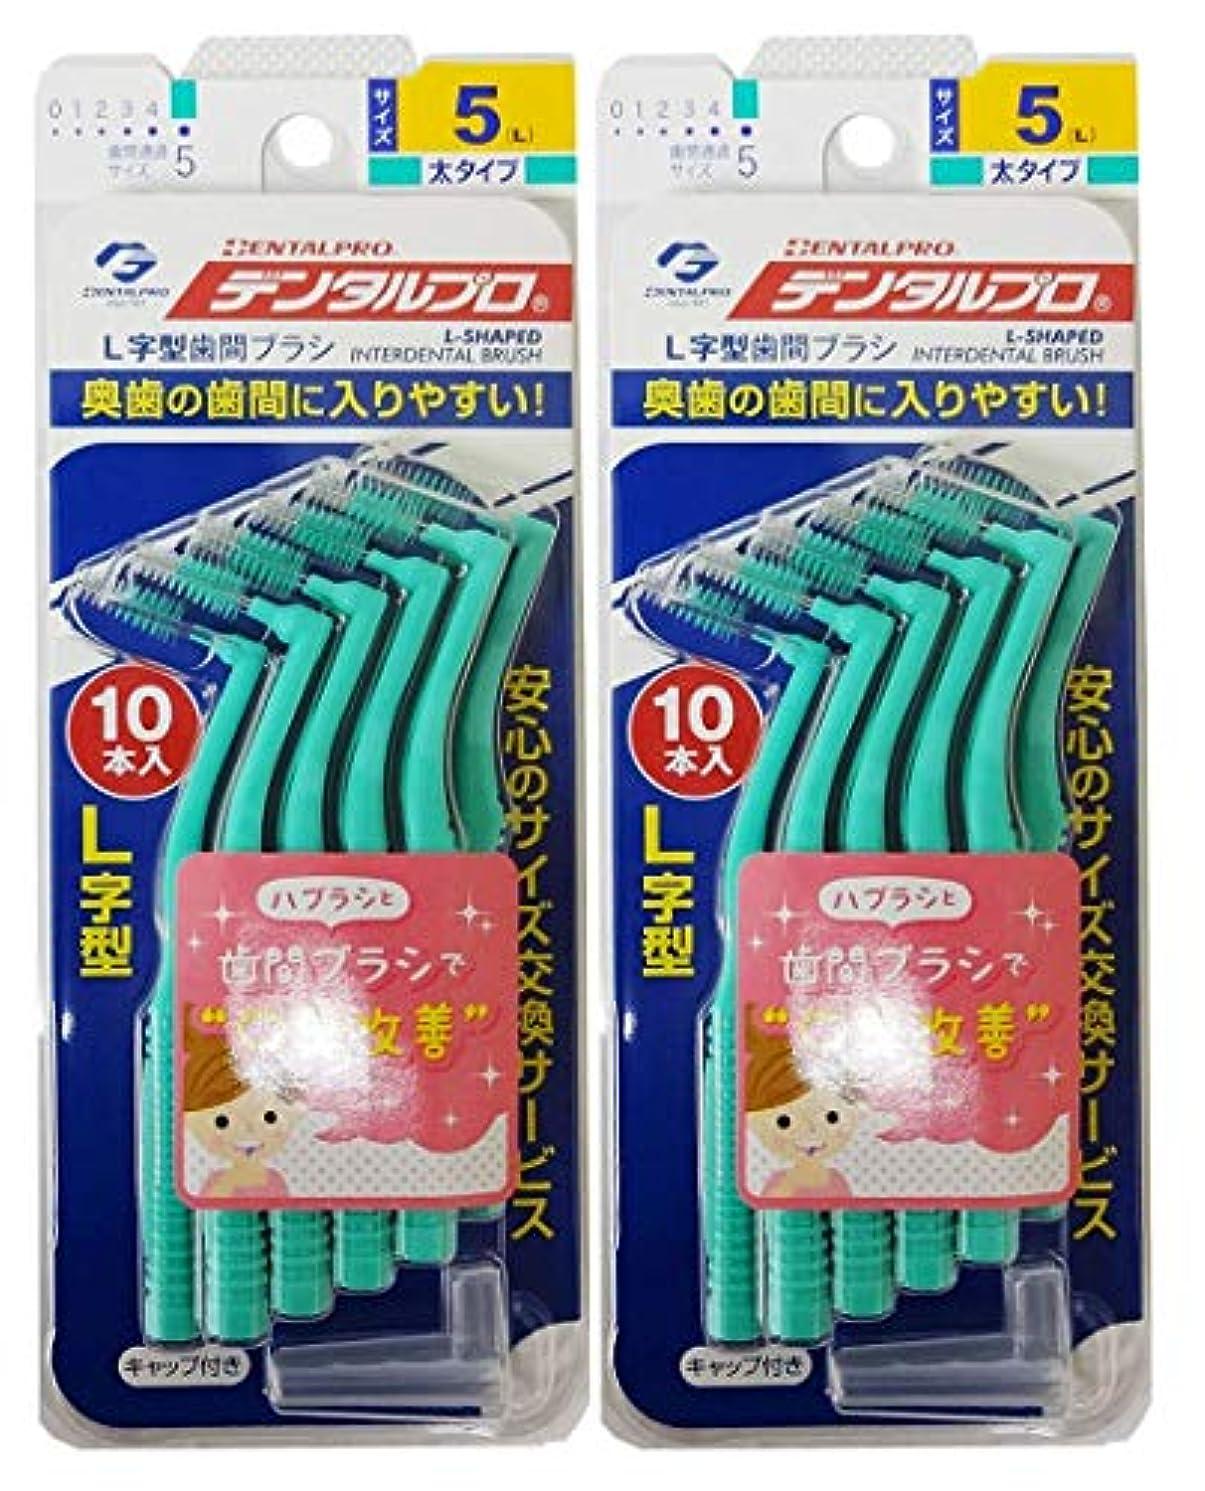 思いやり捧げる白雪姫デンタルプロ 歯間ブラシ L字型 サイズ5(L) 10本入り × 2個セット